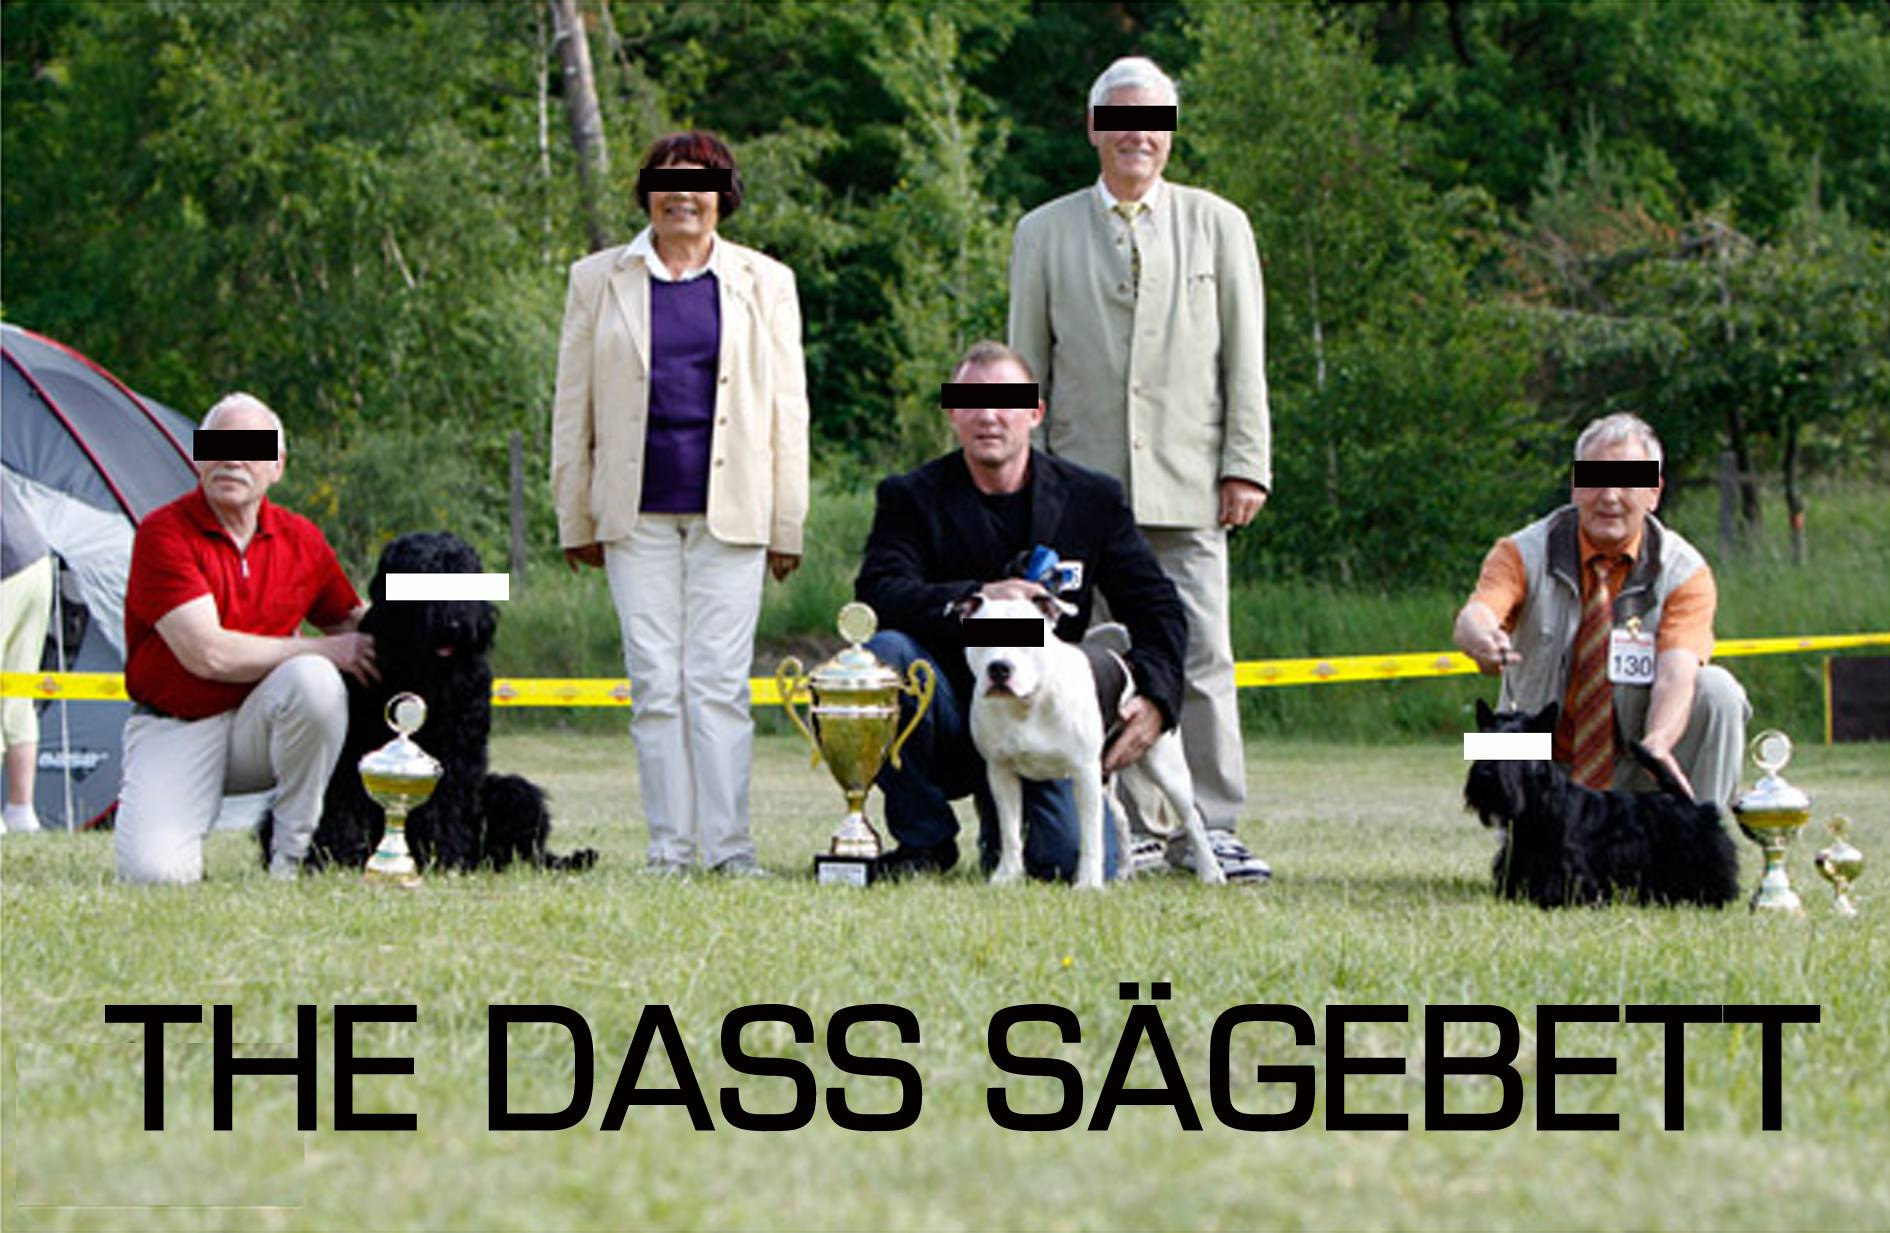 THE DASS SÄGEBETT